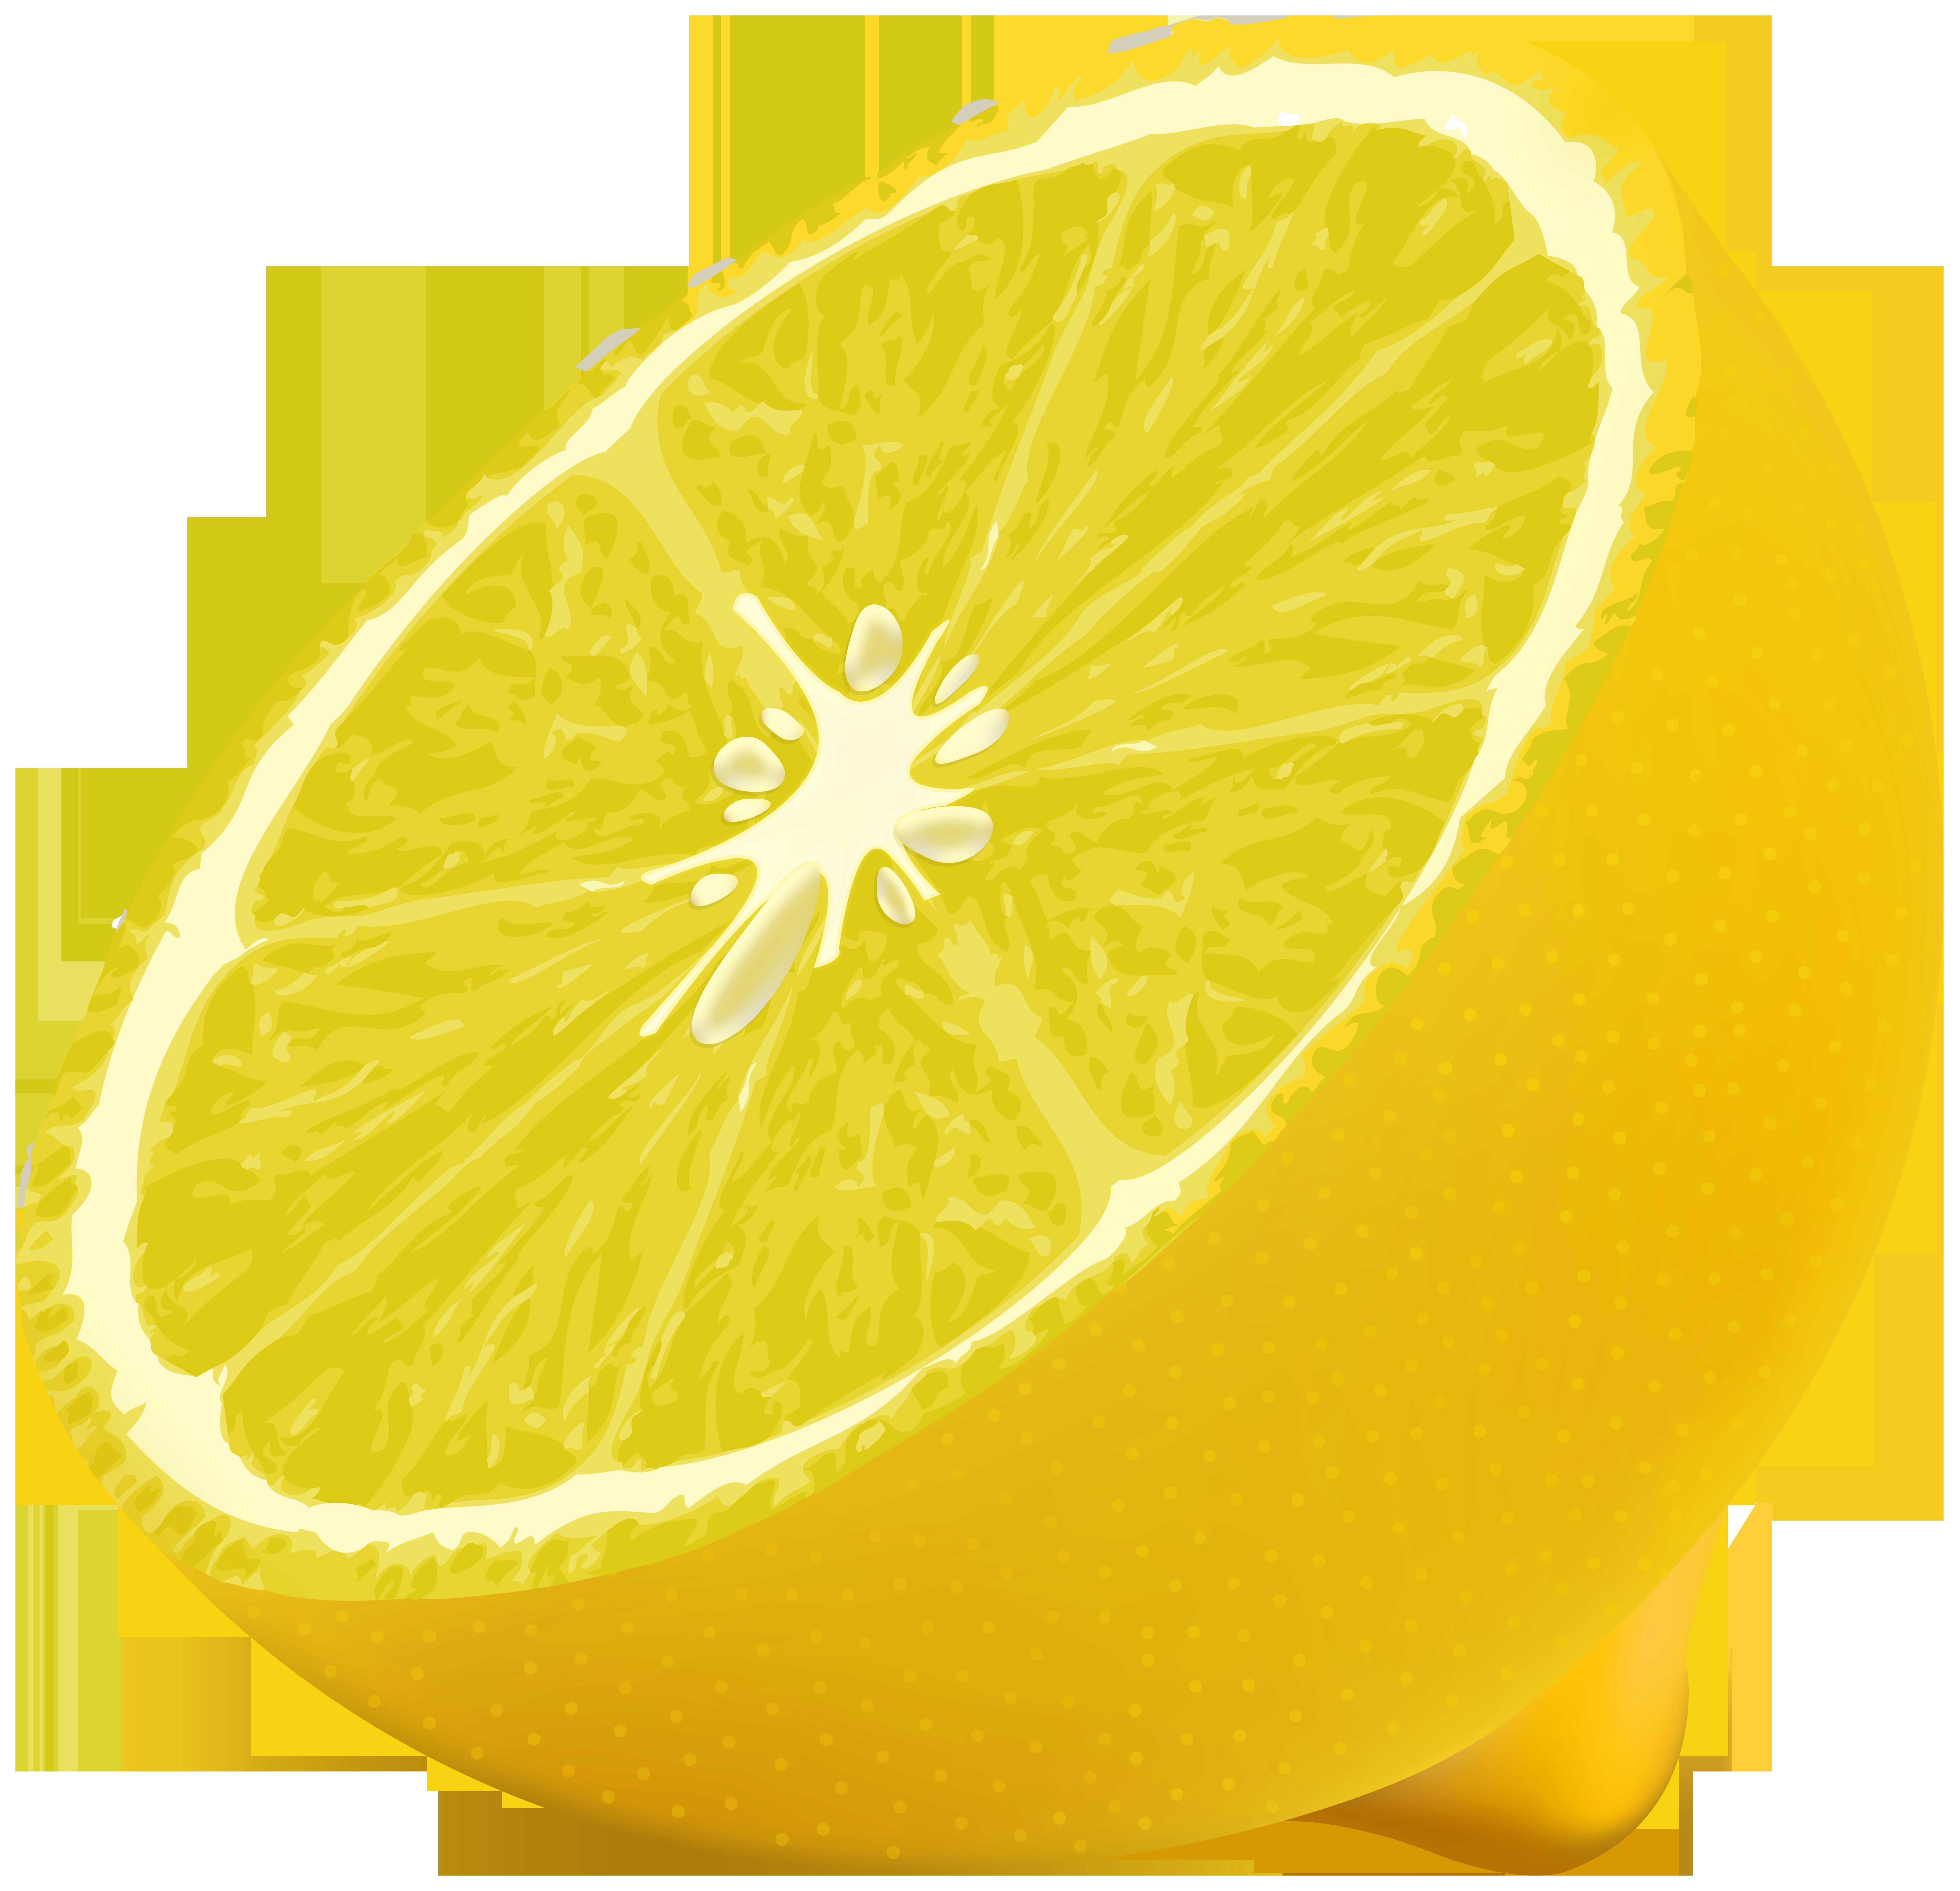 Half Lemon PNG Clipart Image.